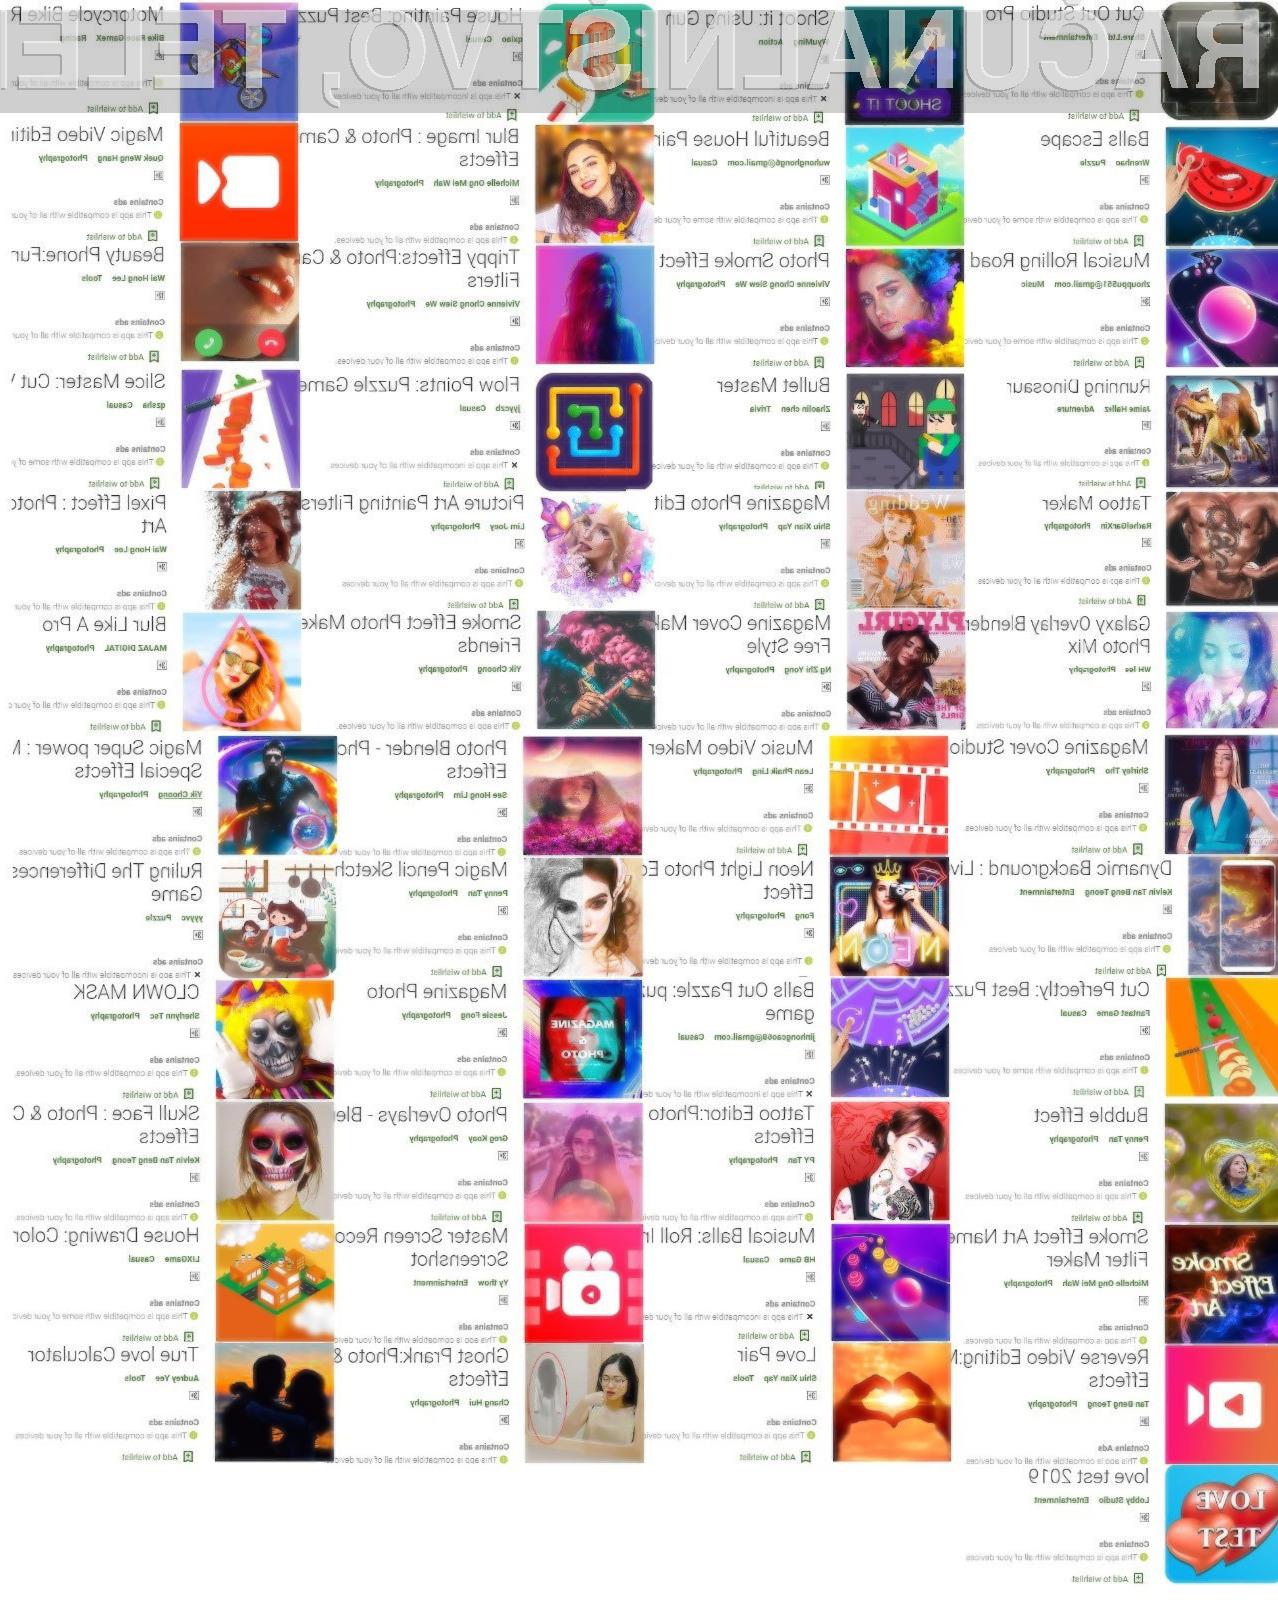 Varnostni strokovnjaki so na portalu Google Play odkrili kar 49 novih zlonamernih aplikacij.